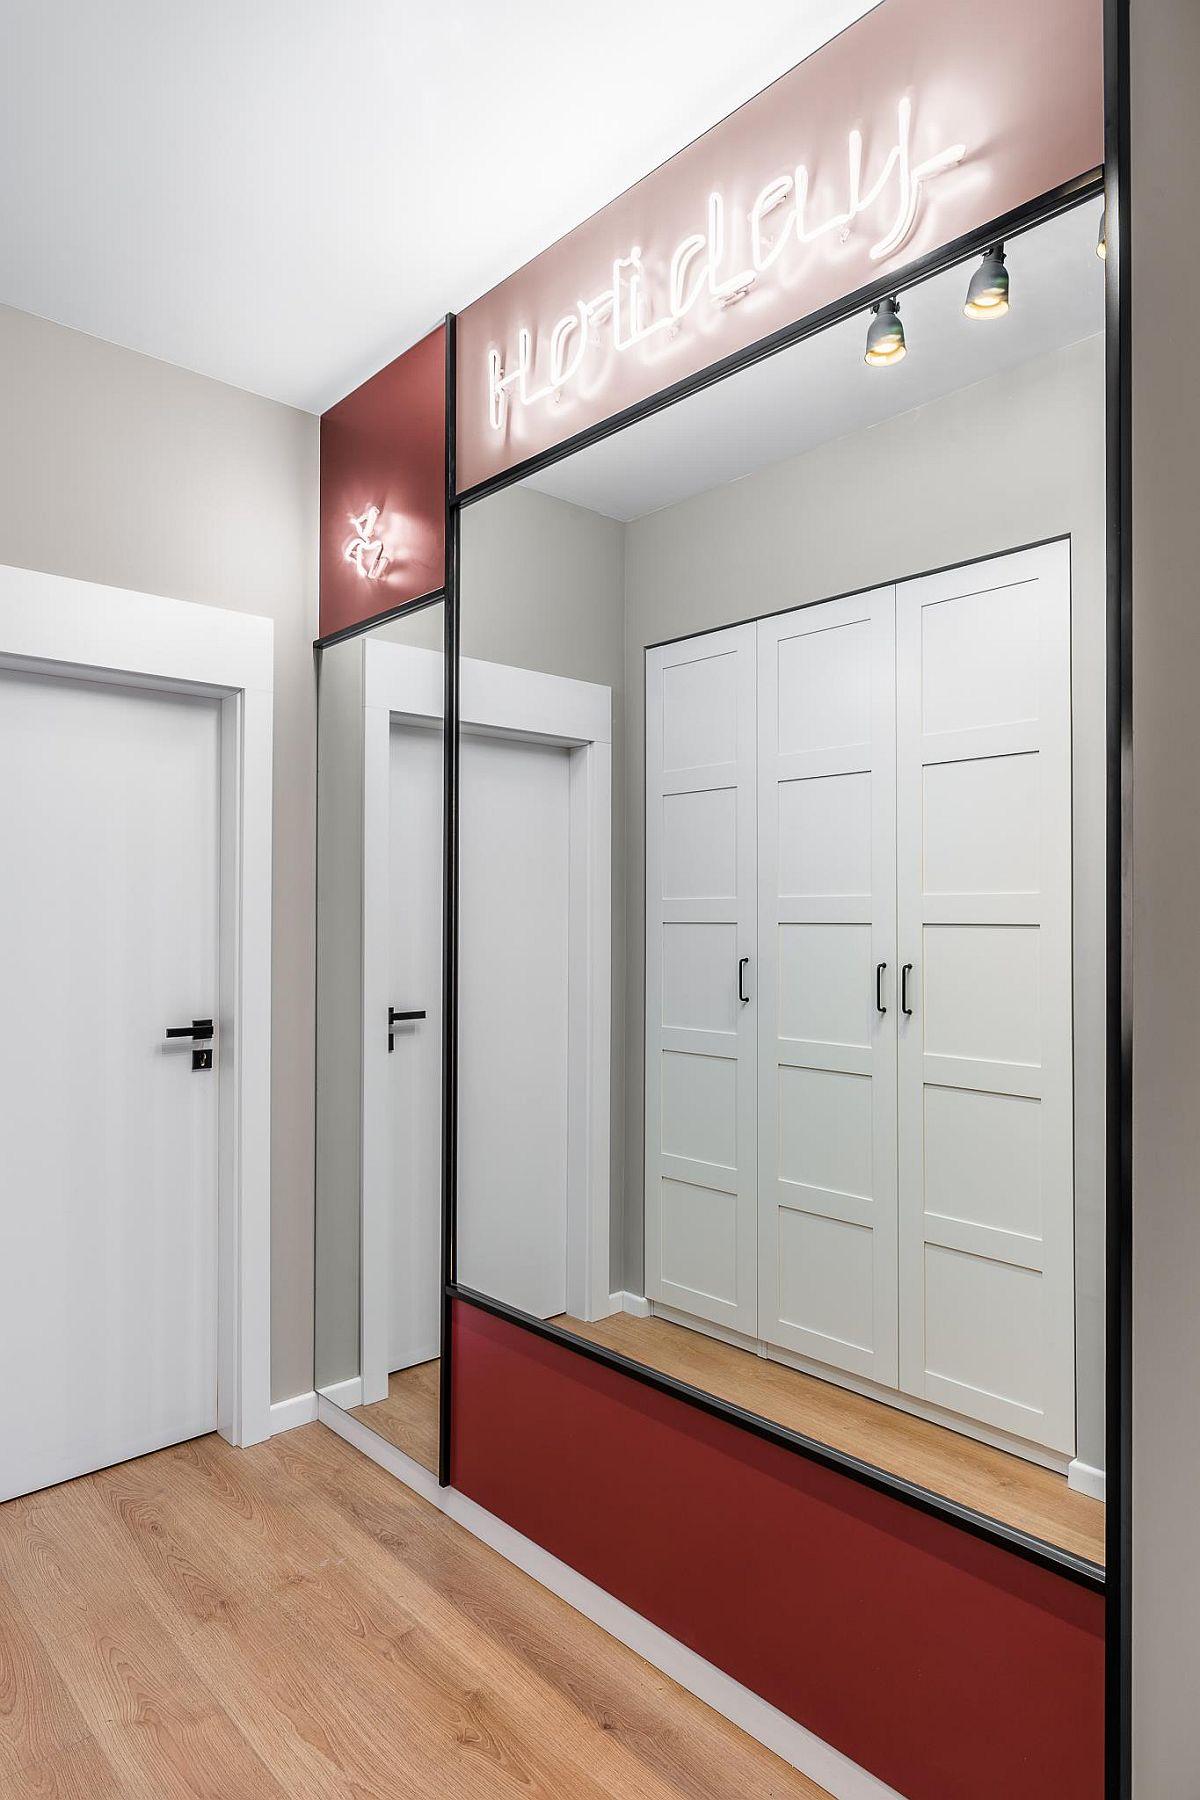 La intrarea în locuință ceea ce se vede este panoul cu oglinzi, ceea ce dă senzația de spațiu mai luminos și mai mare. În hol există un spațiu de depozitare închis, configurat încastrat în perete.